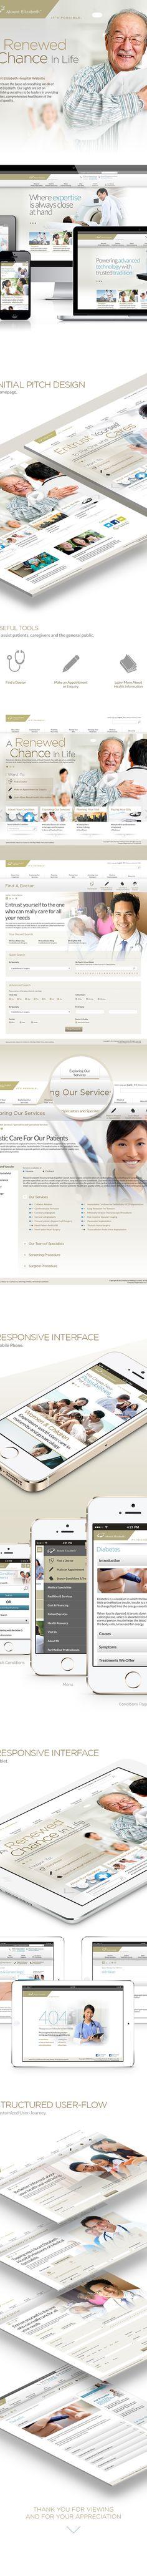 Mount Elizabeth Hospital Website  by Daniel Ng, via Behance